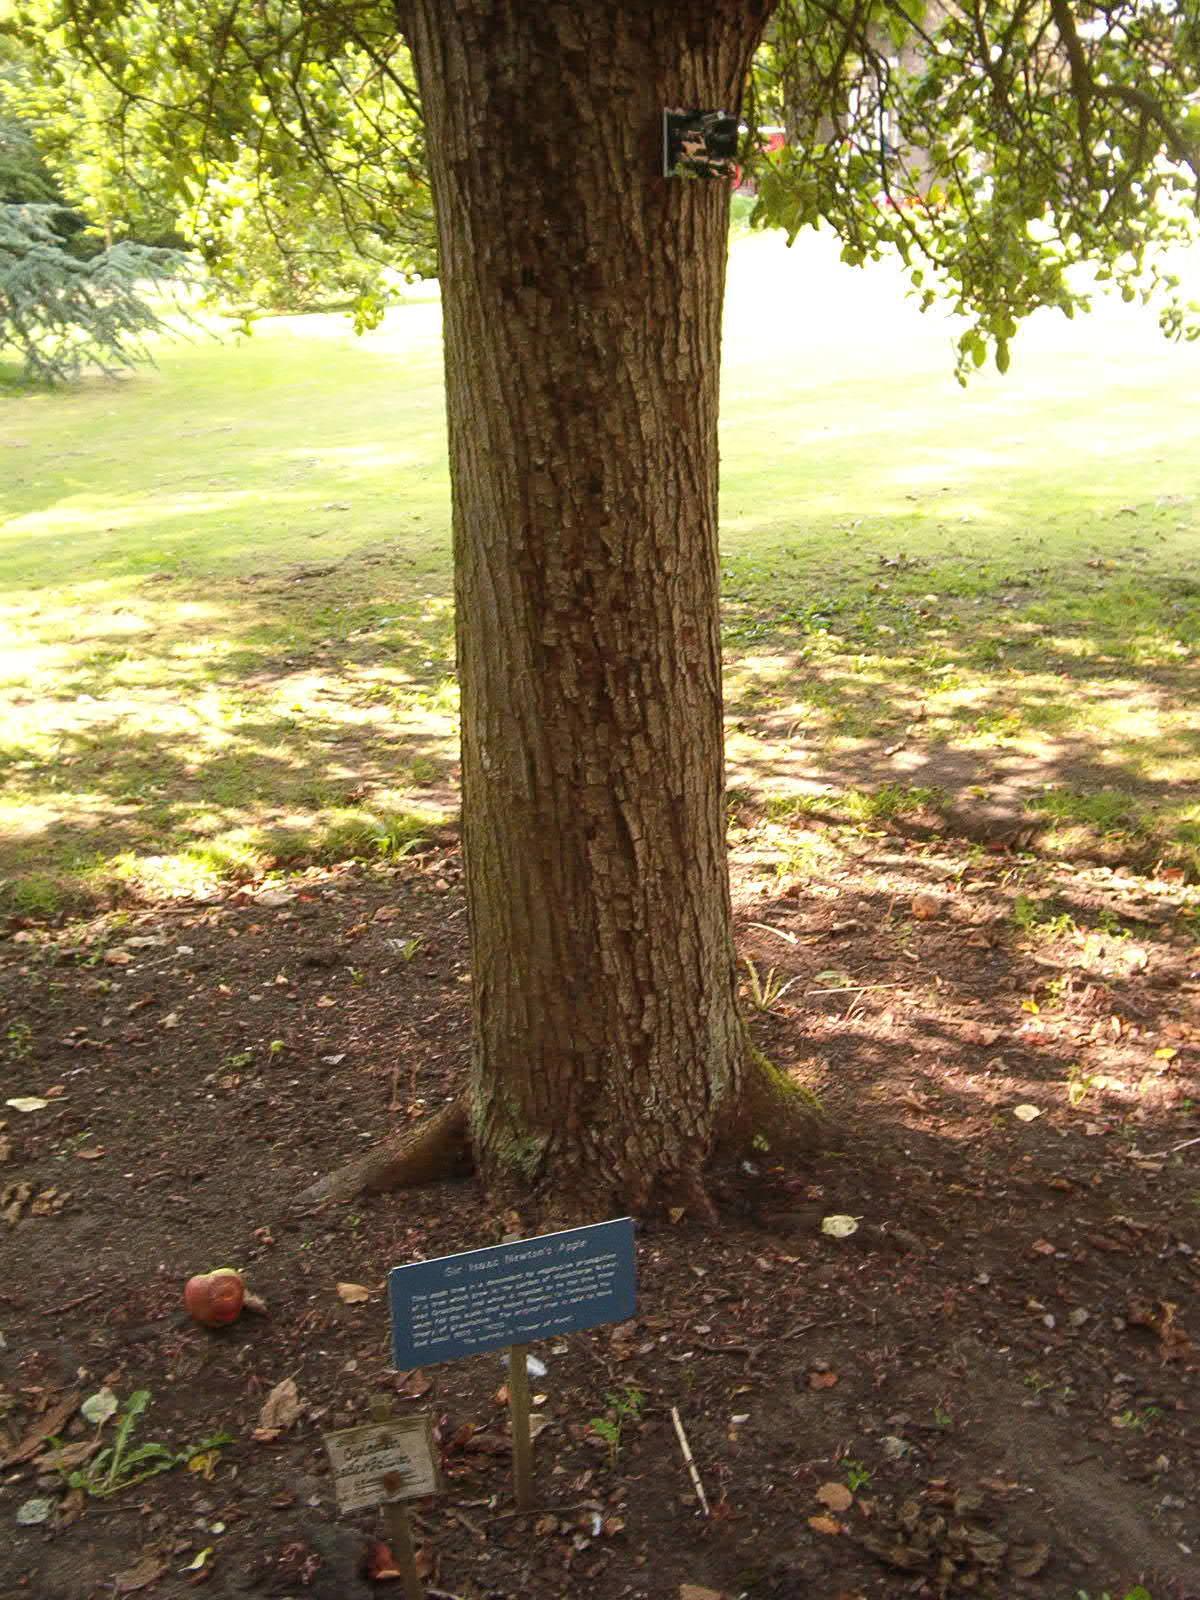 Newton'un başına elma düşmesiyle yerçekimini keşfettiği yer, Cambridge'deki Botanik bahçesi'nde bulunuyor.